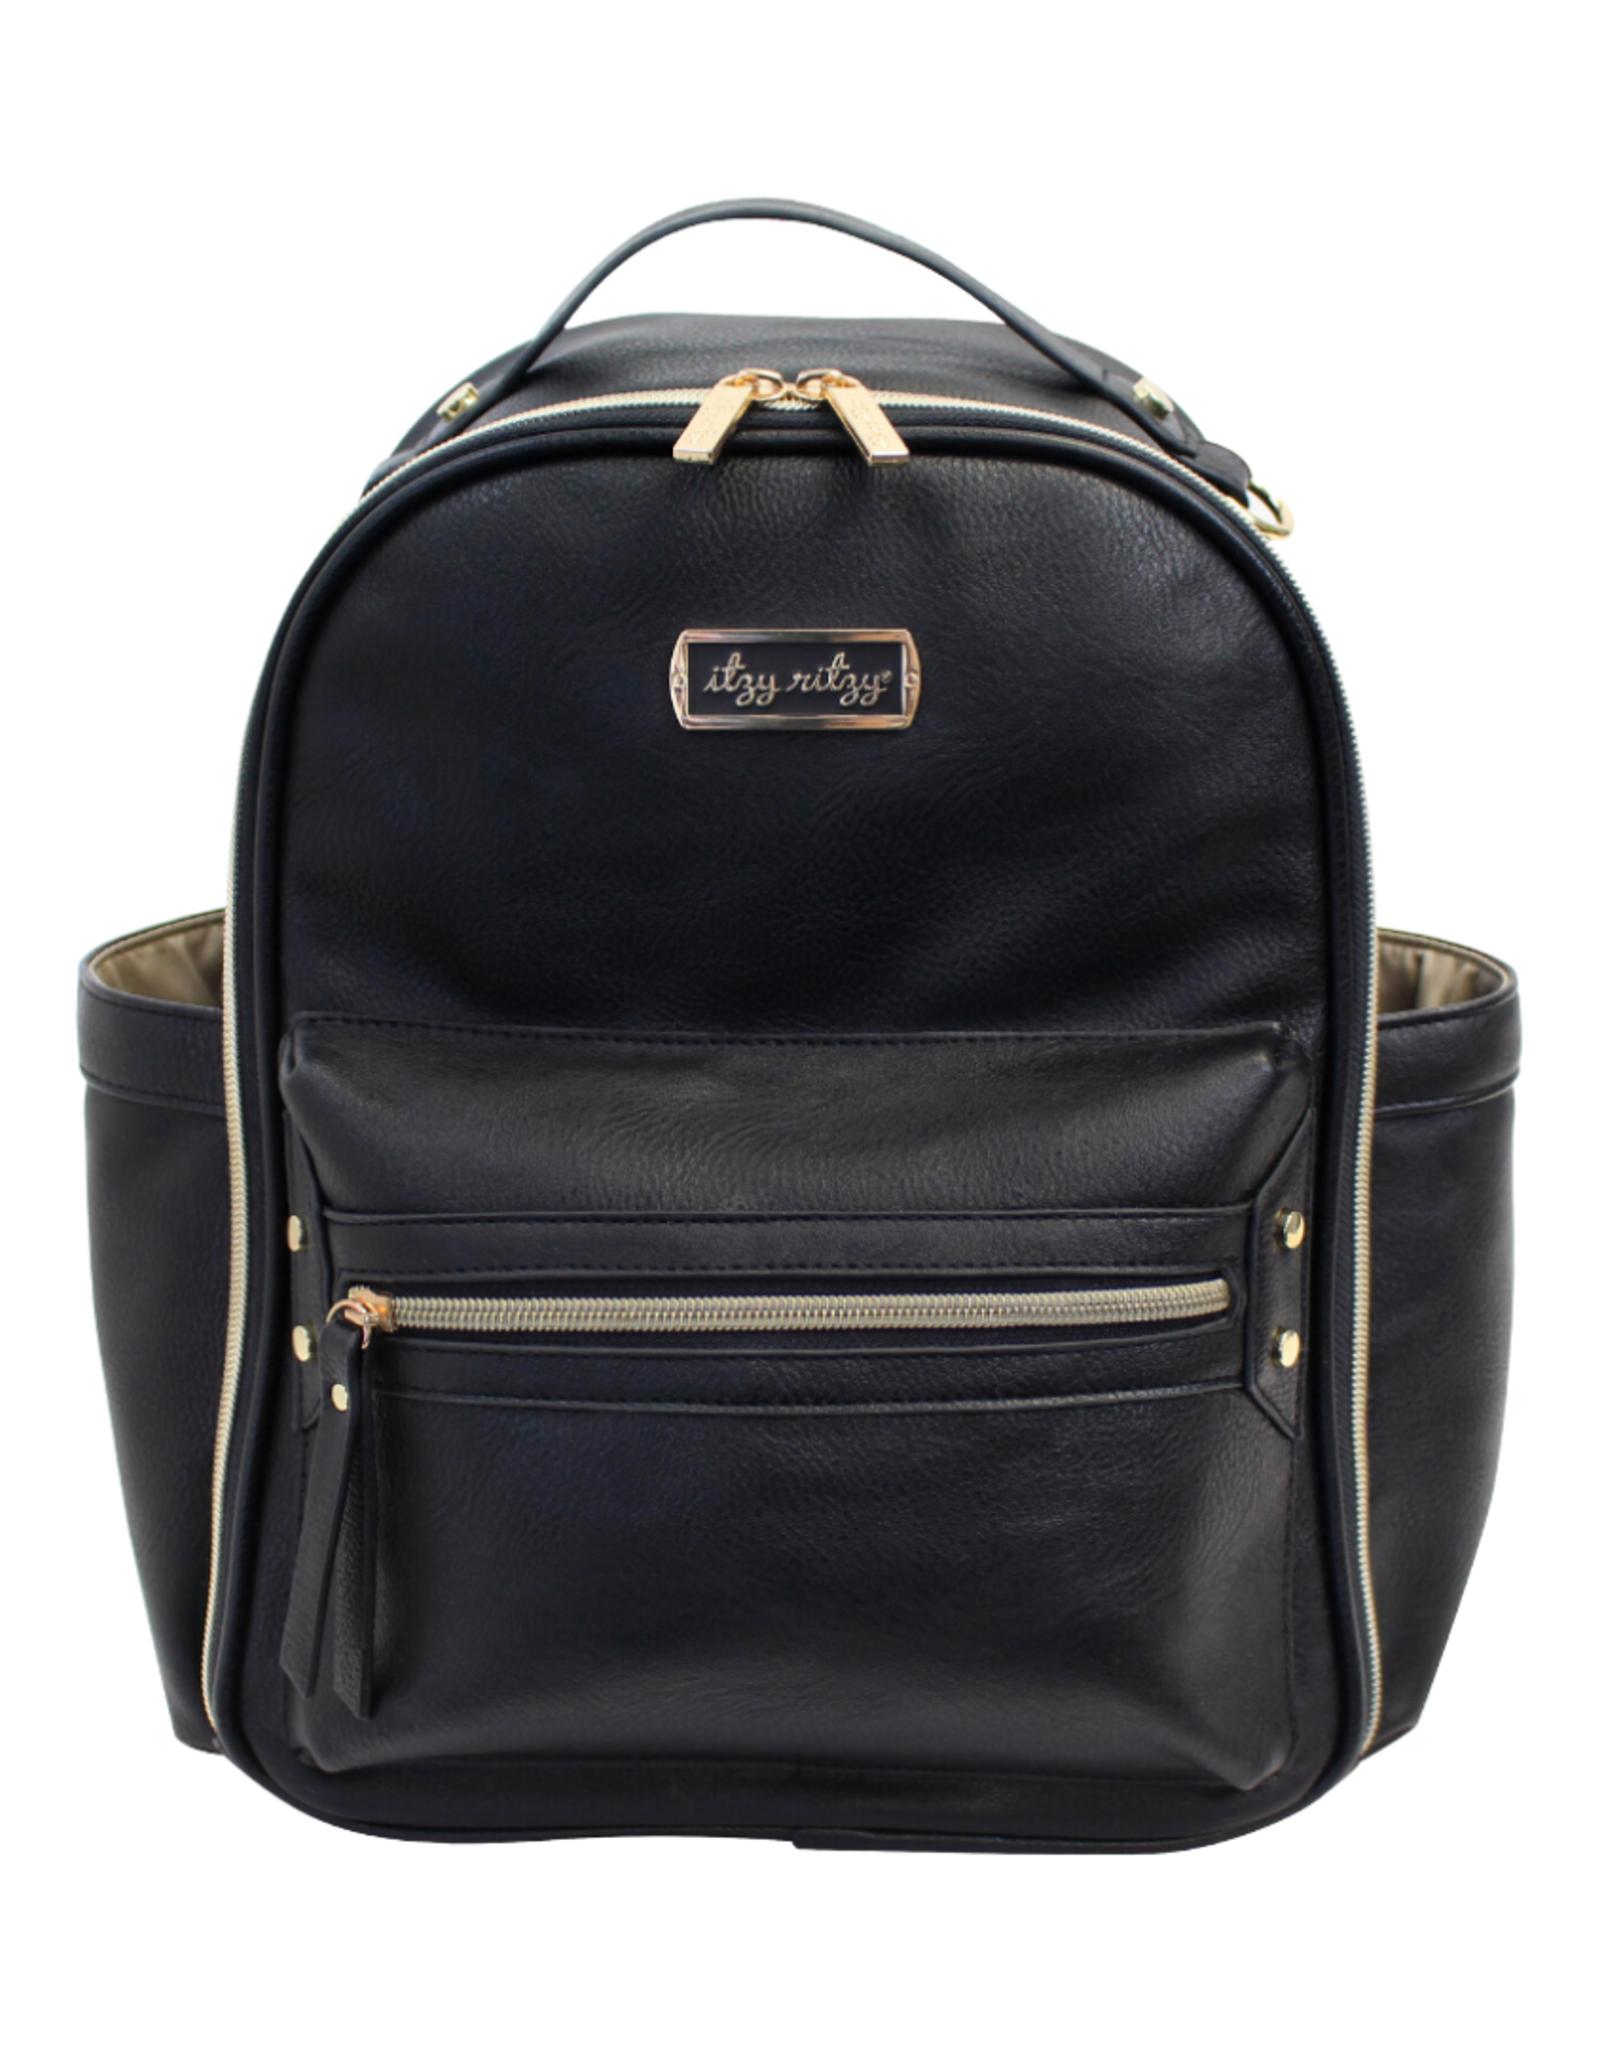 Itzy Ritzy Black Itzy Mini™ Diaper Bag Backpack